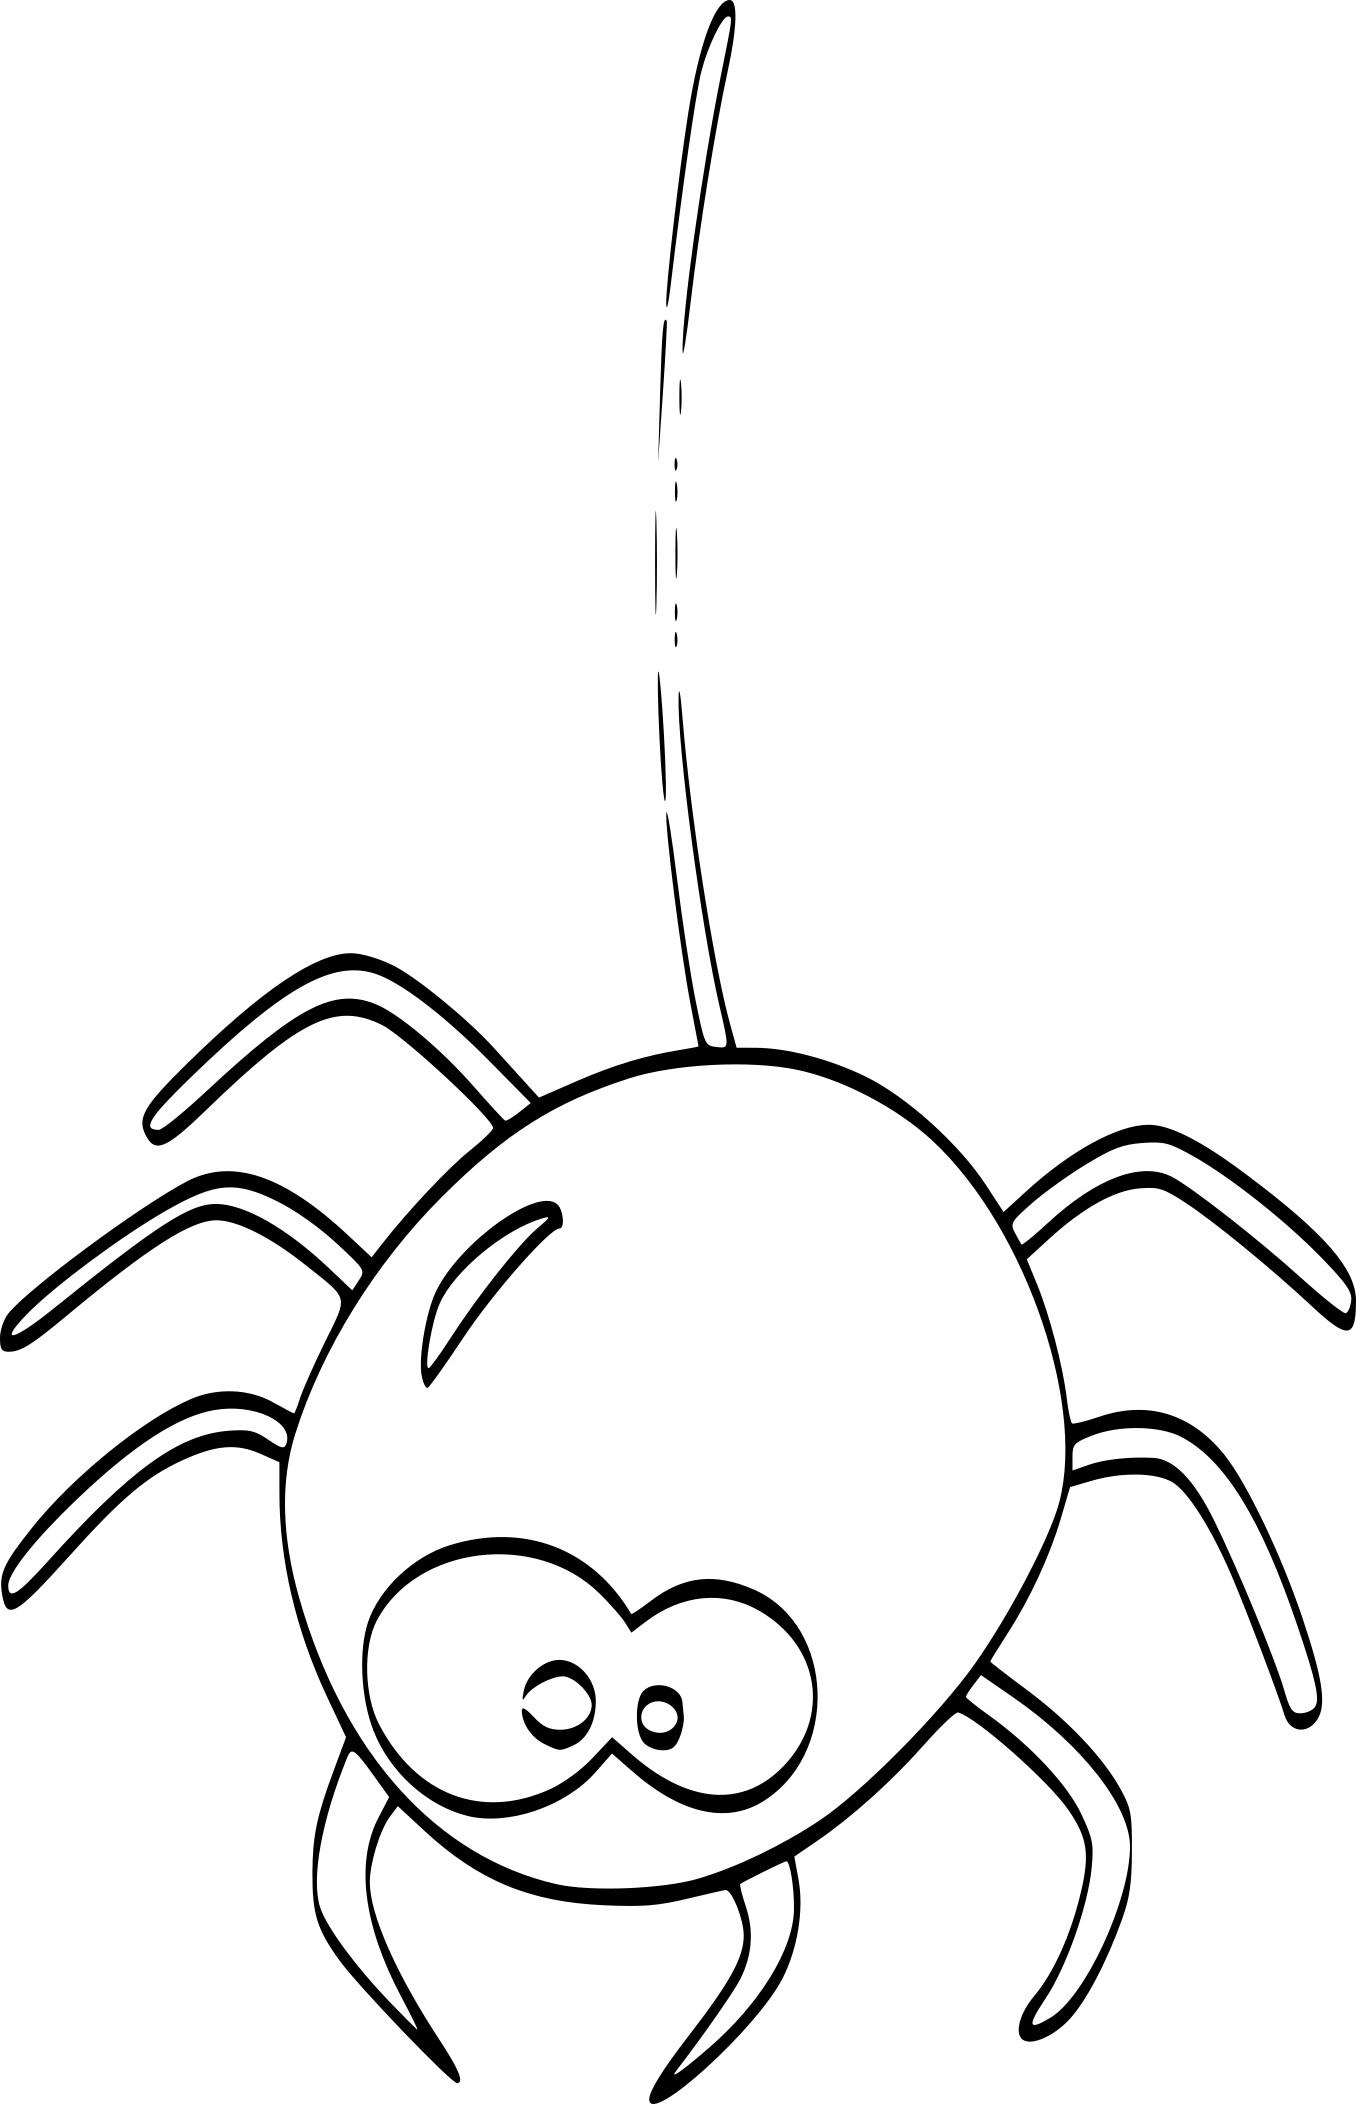 Coloriage Araignée Halloween Et Dessin À Imprimer concernant Dessiner Une Araignee